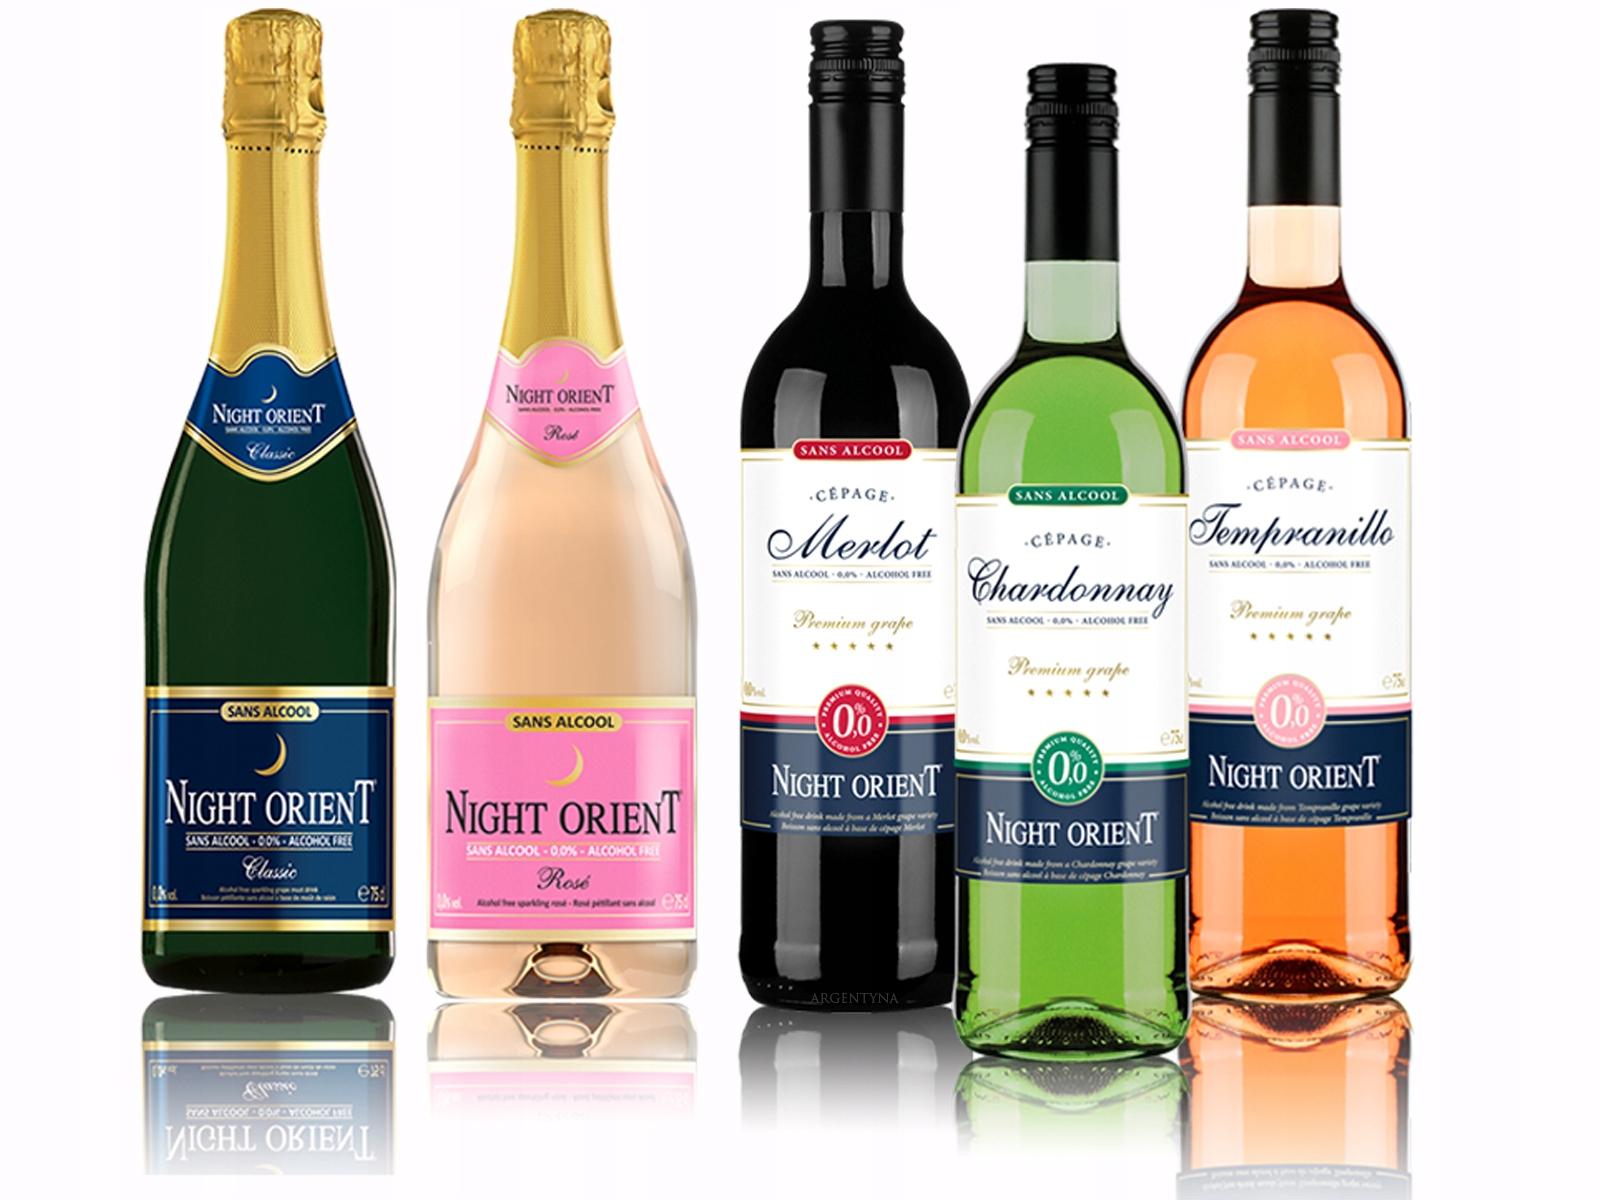 вино Безалкогольные напитки 5x Night Ориент Ноль ,Ноль % - комплект